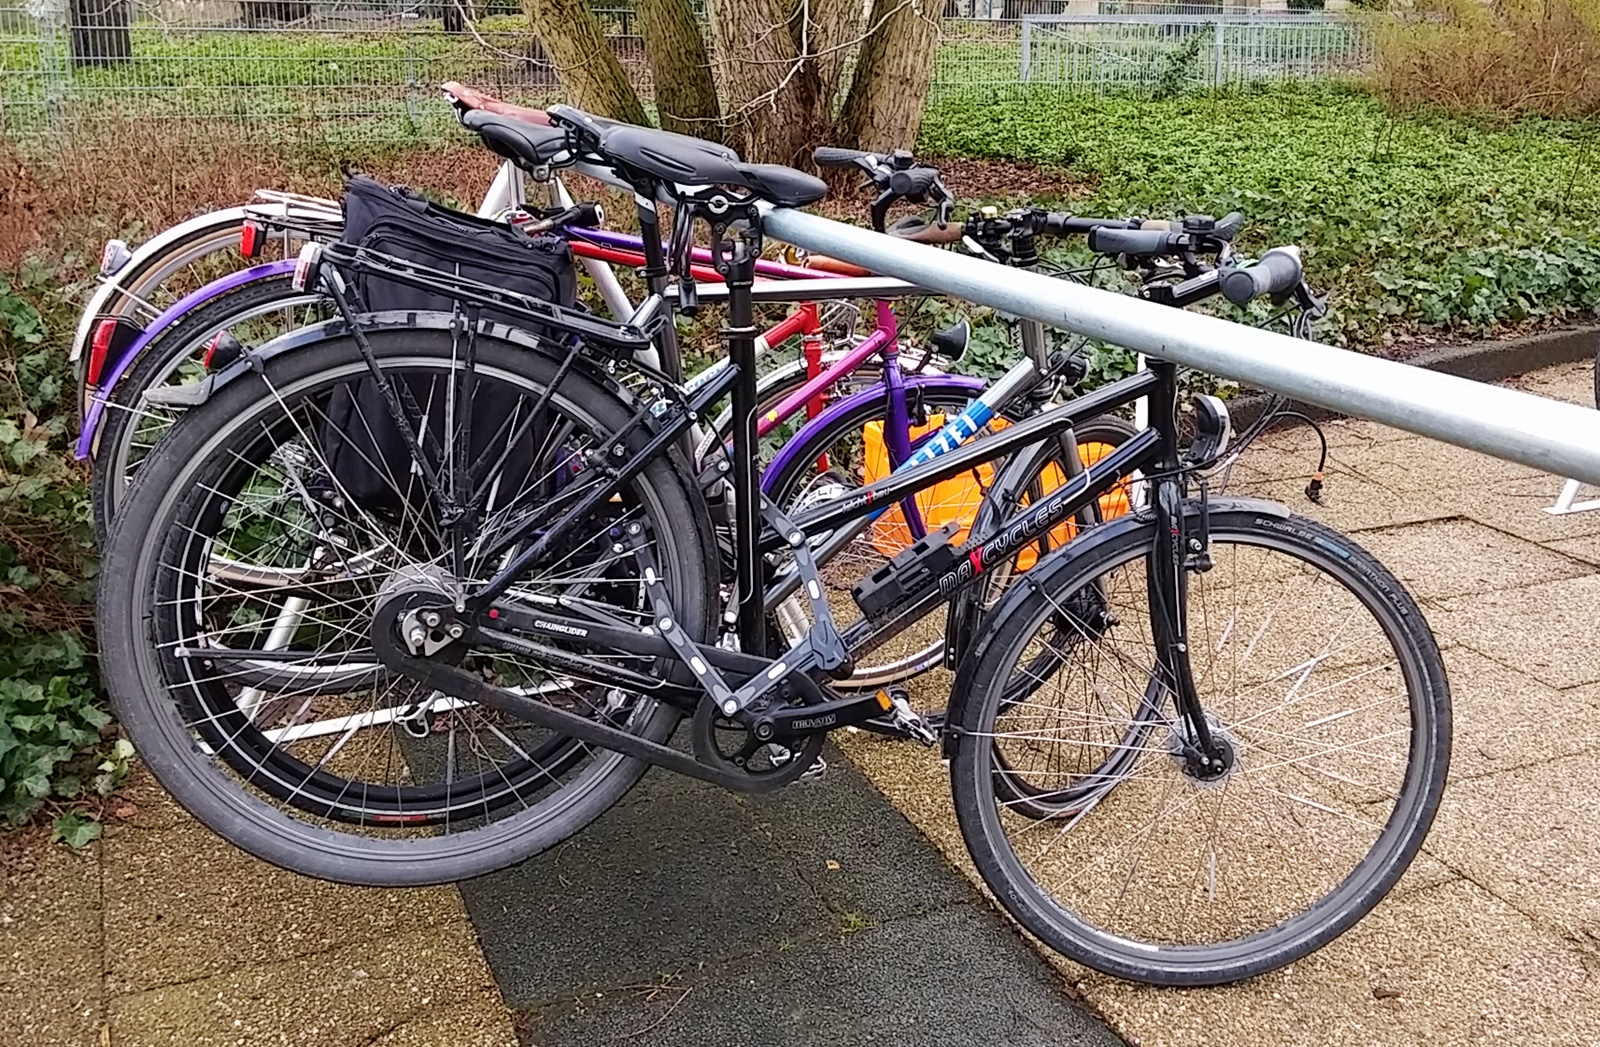 mein Fahrrad hängt sicher, die Messe kann beginnen